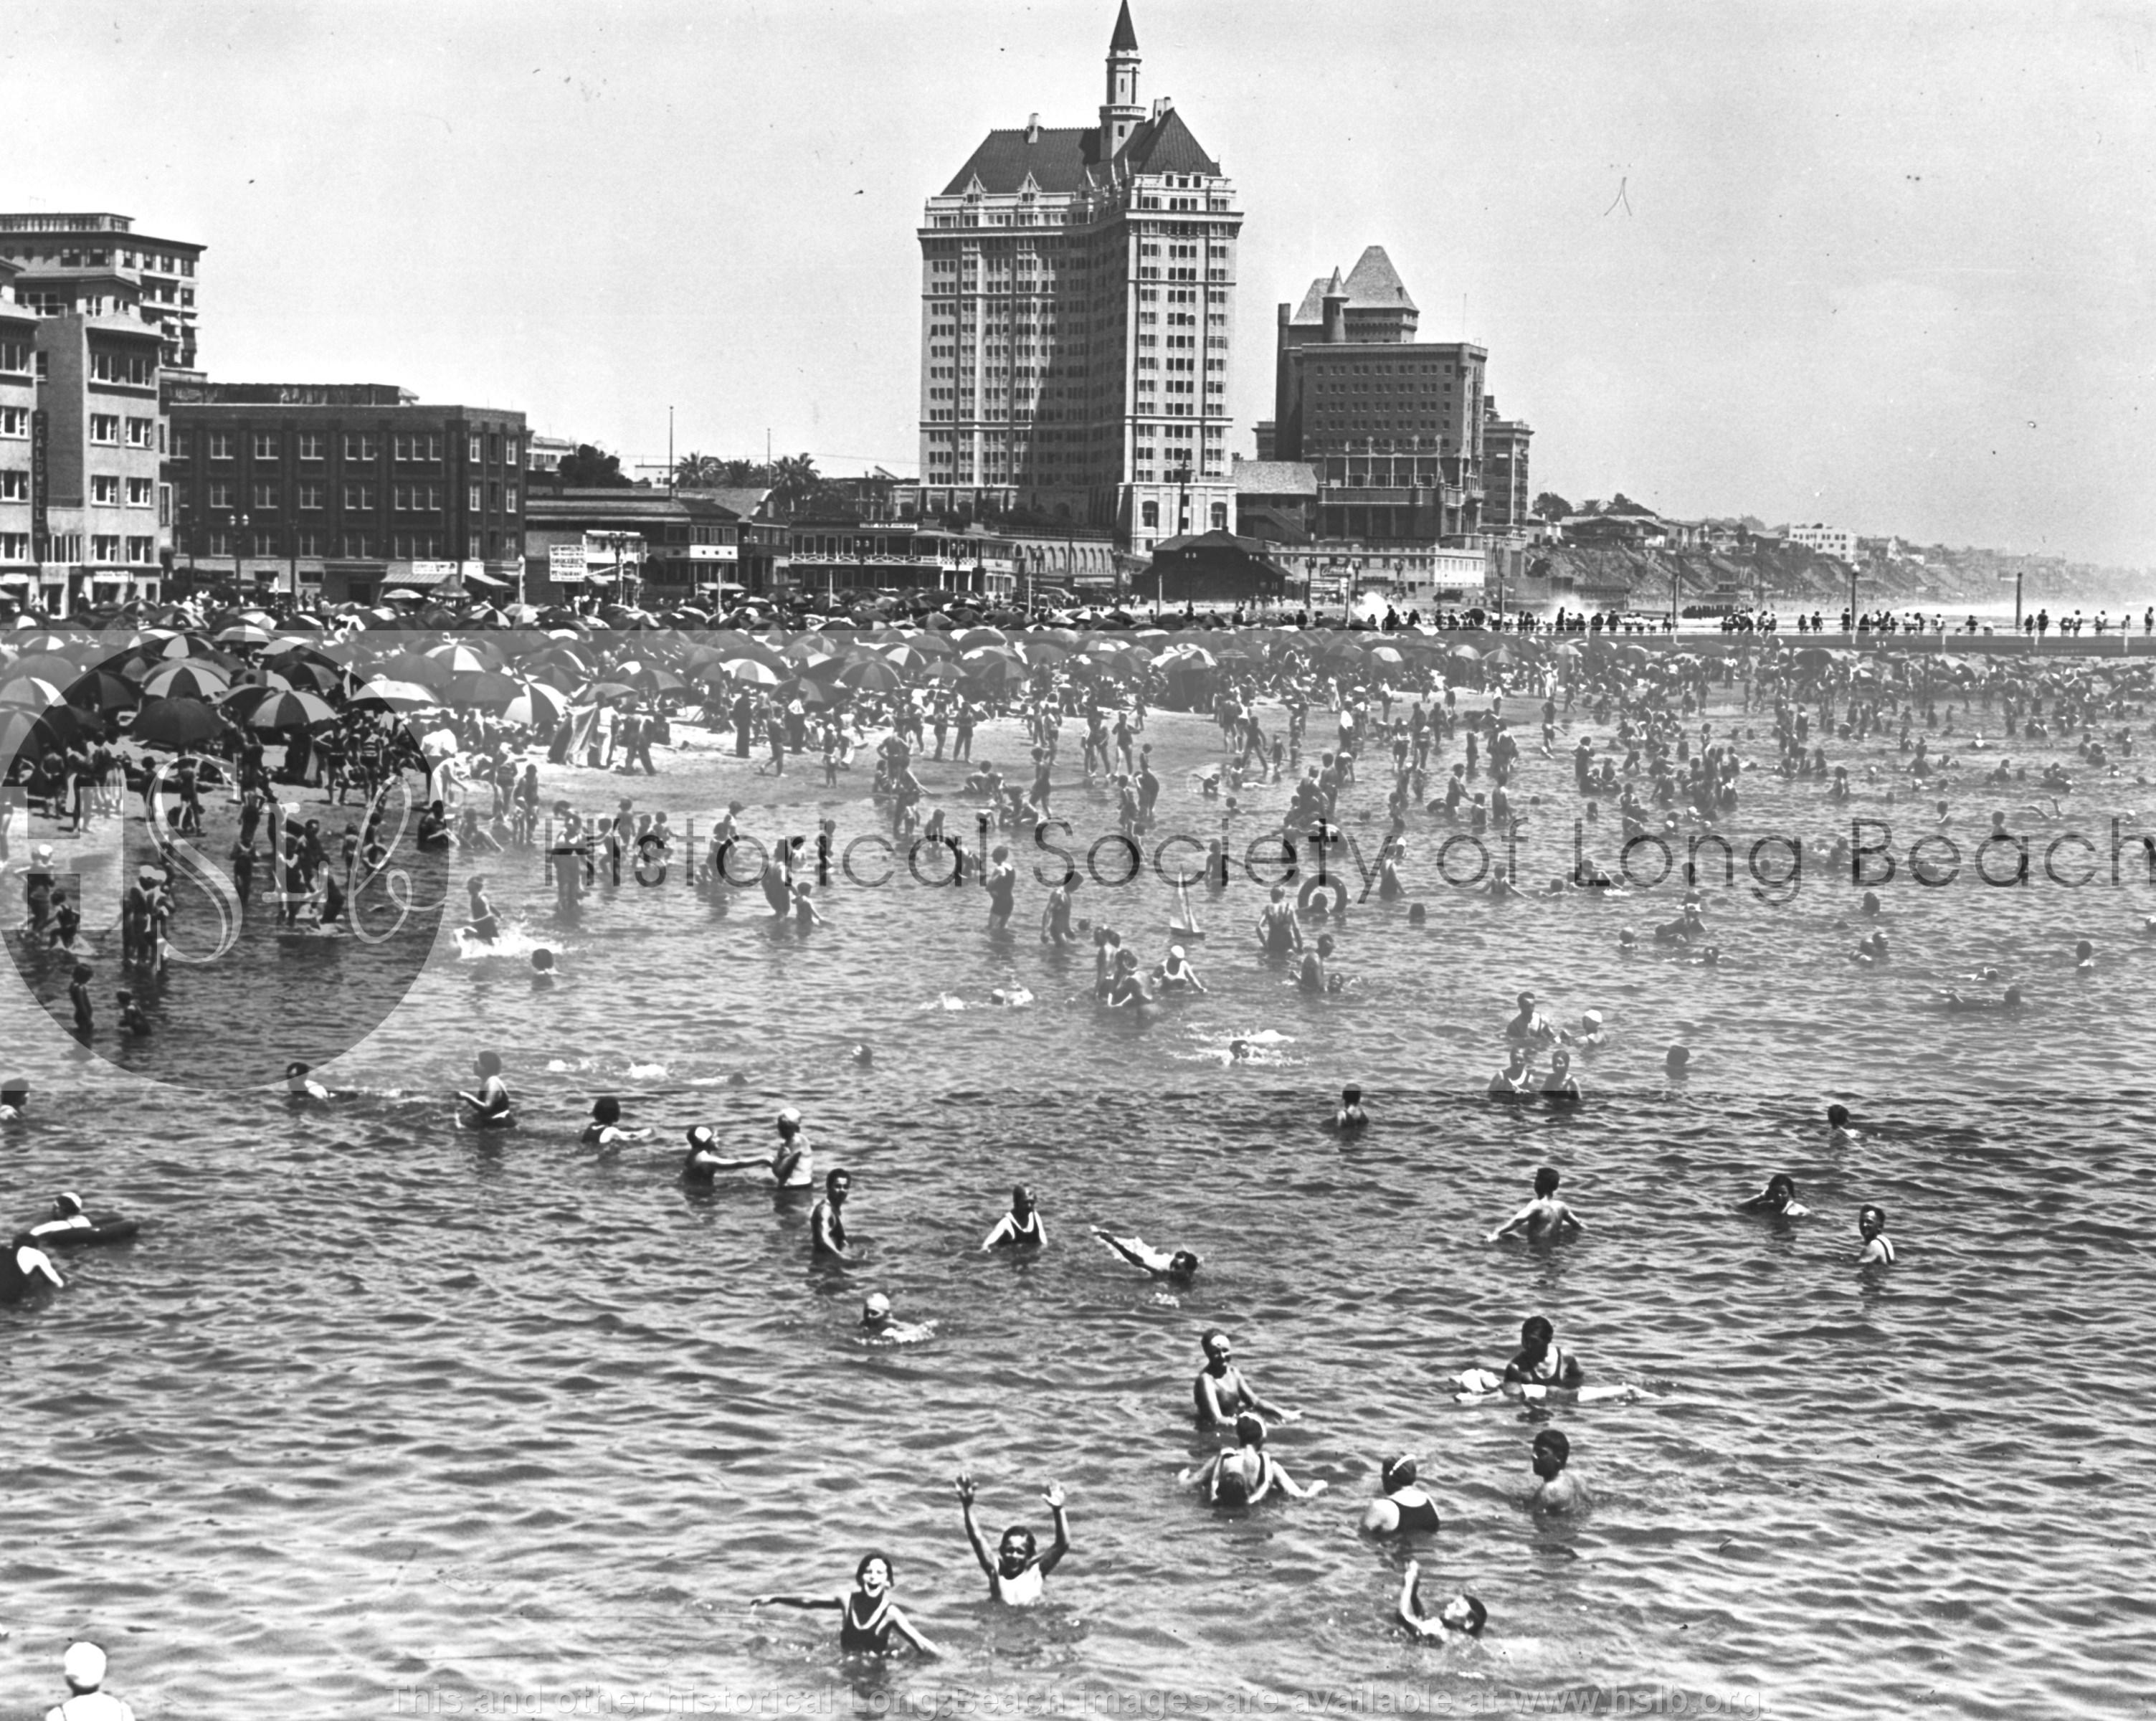 East beach, 1933